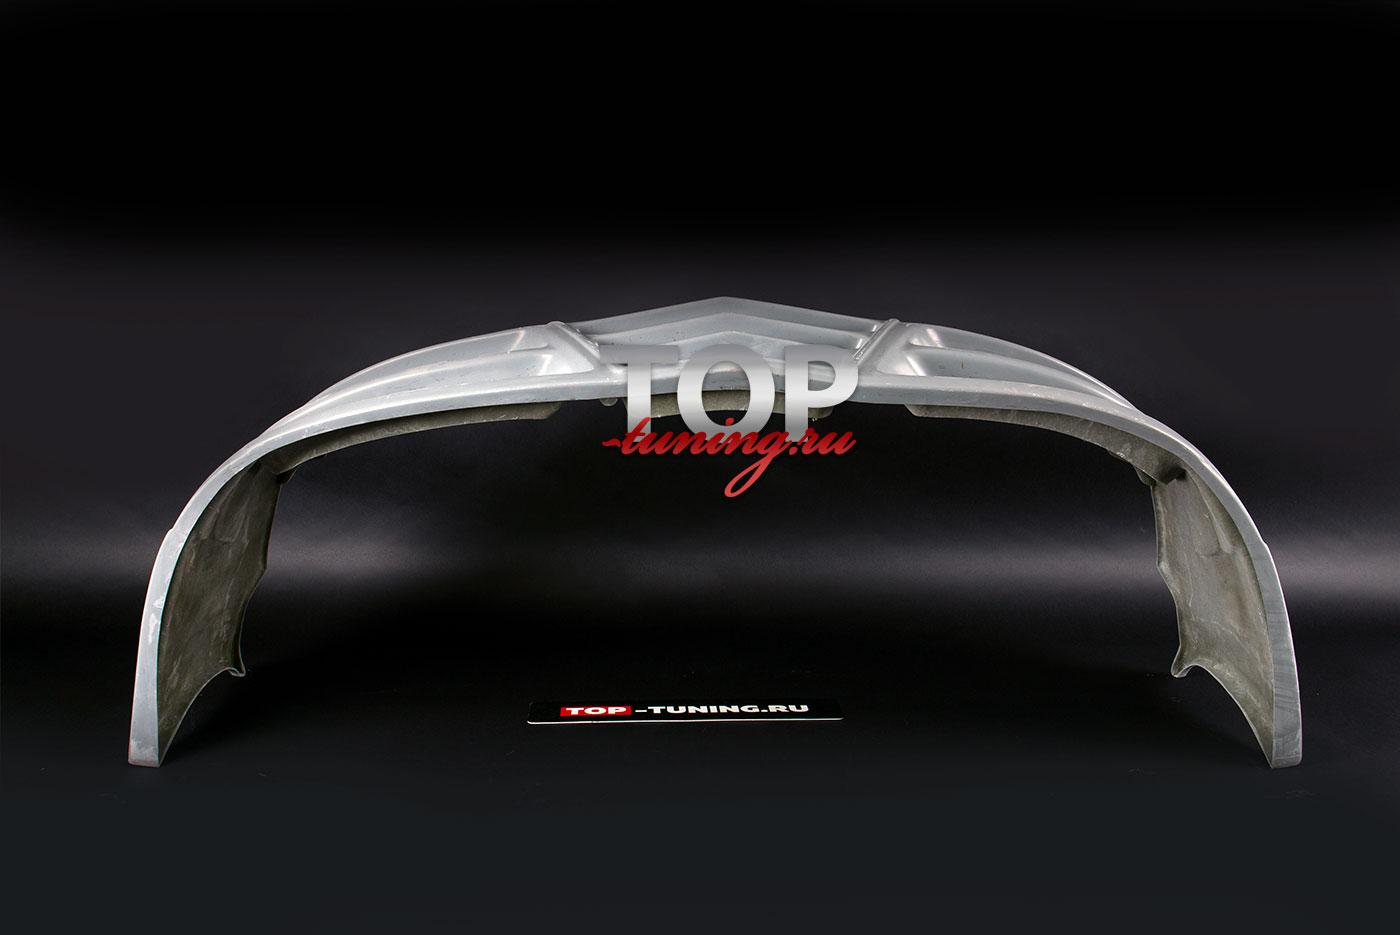 453 Передний бампер - Обвес Auto-R для Honda Accord 7